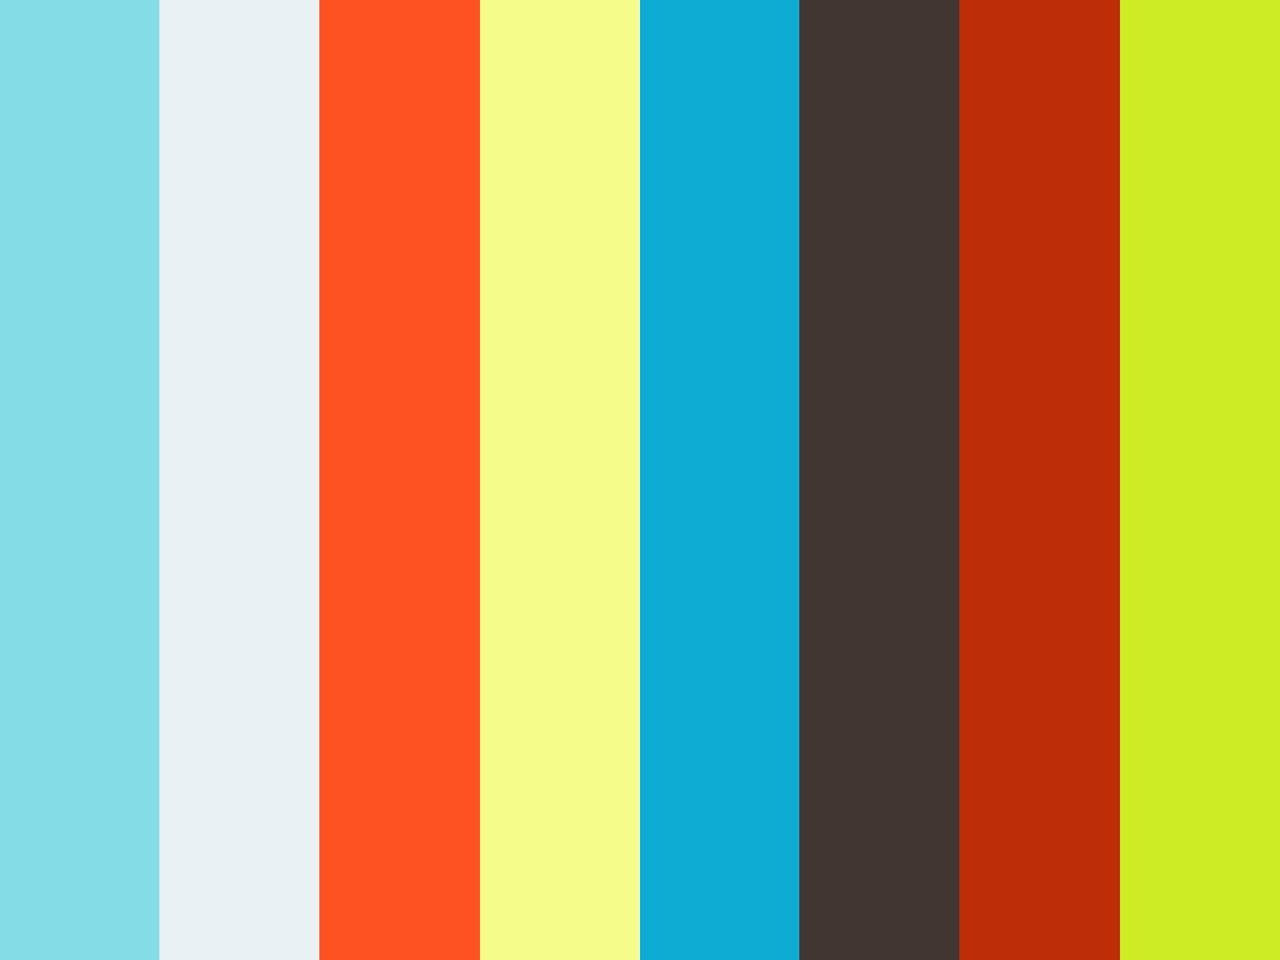 Consumer segmentation | Segment 02